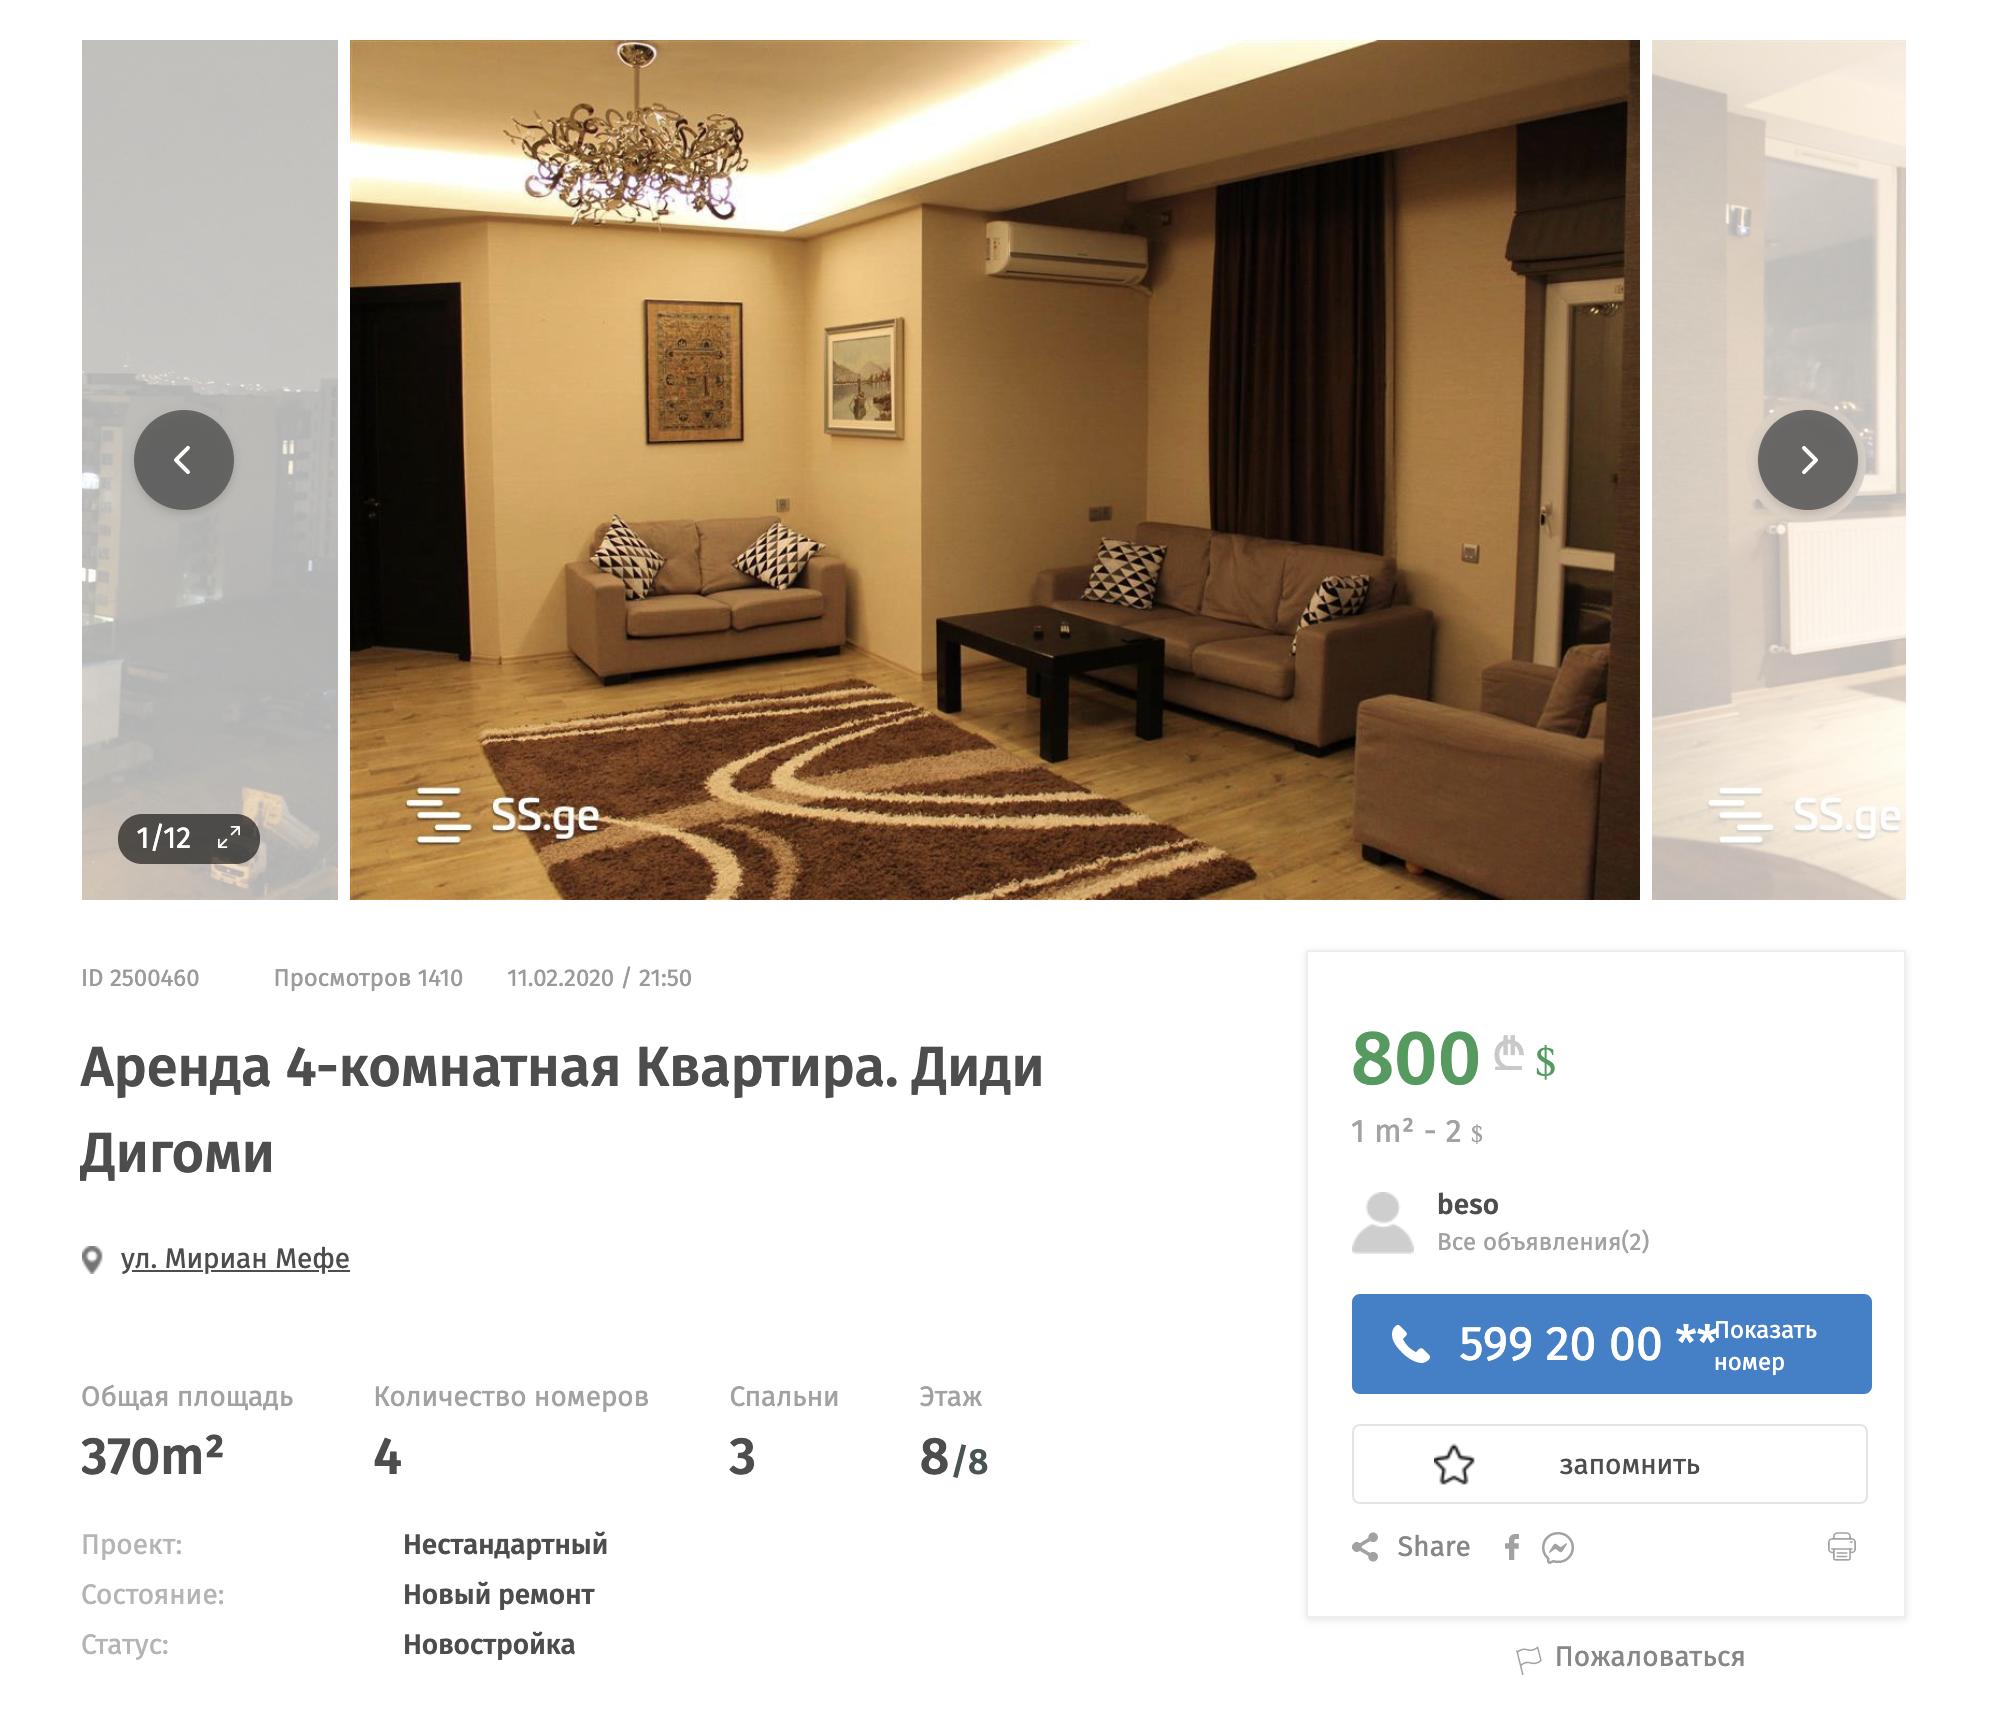 Эту огромную квартиру площадью 370 м² в Сабуртало сдают всего за 800$ (около 54 014<span class=ruble>Р</span>). Почему так дешево? Да потому, что это район Диди Дигоми